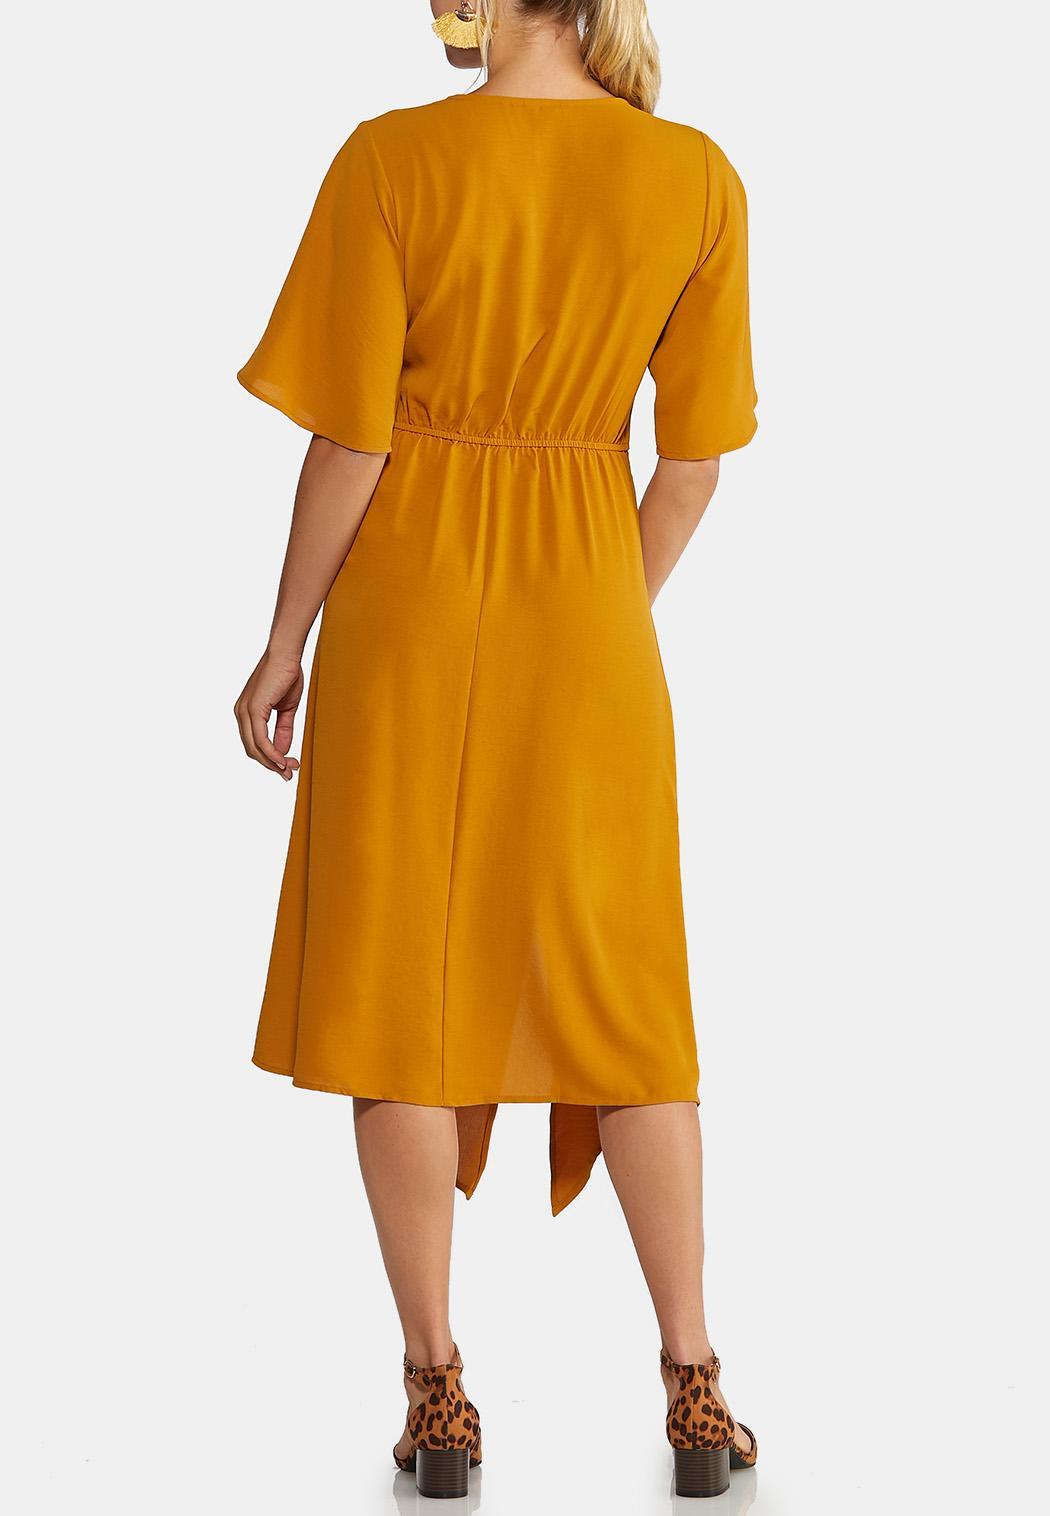 Gold Belted Dress (Item #44019057)